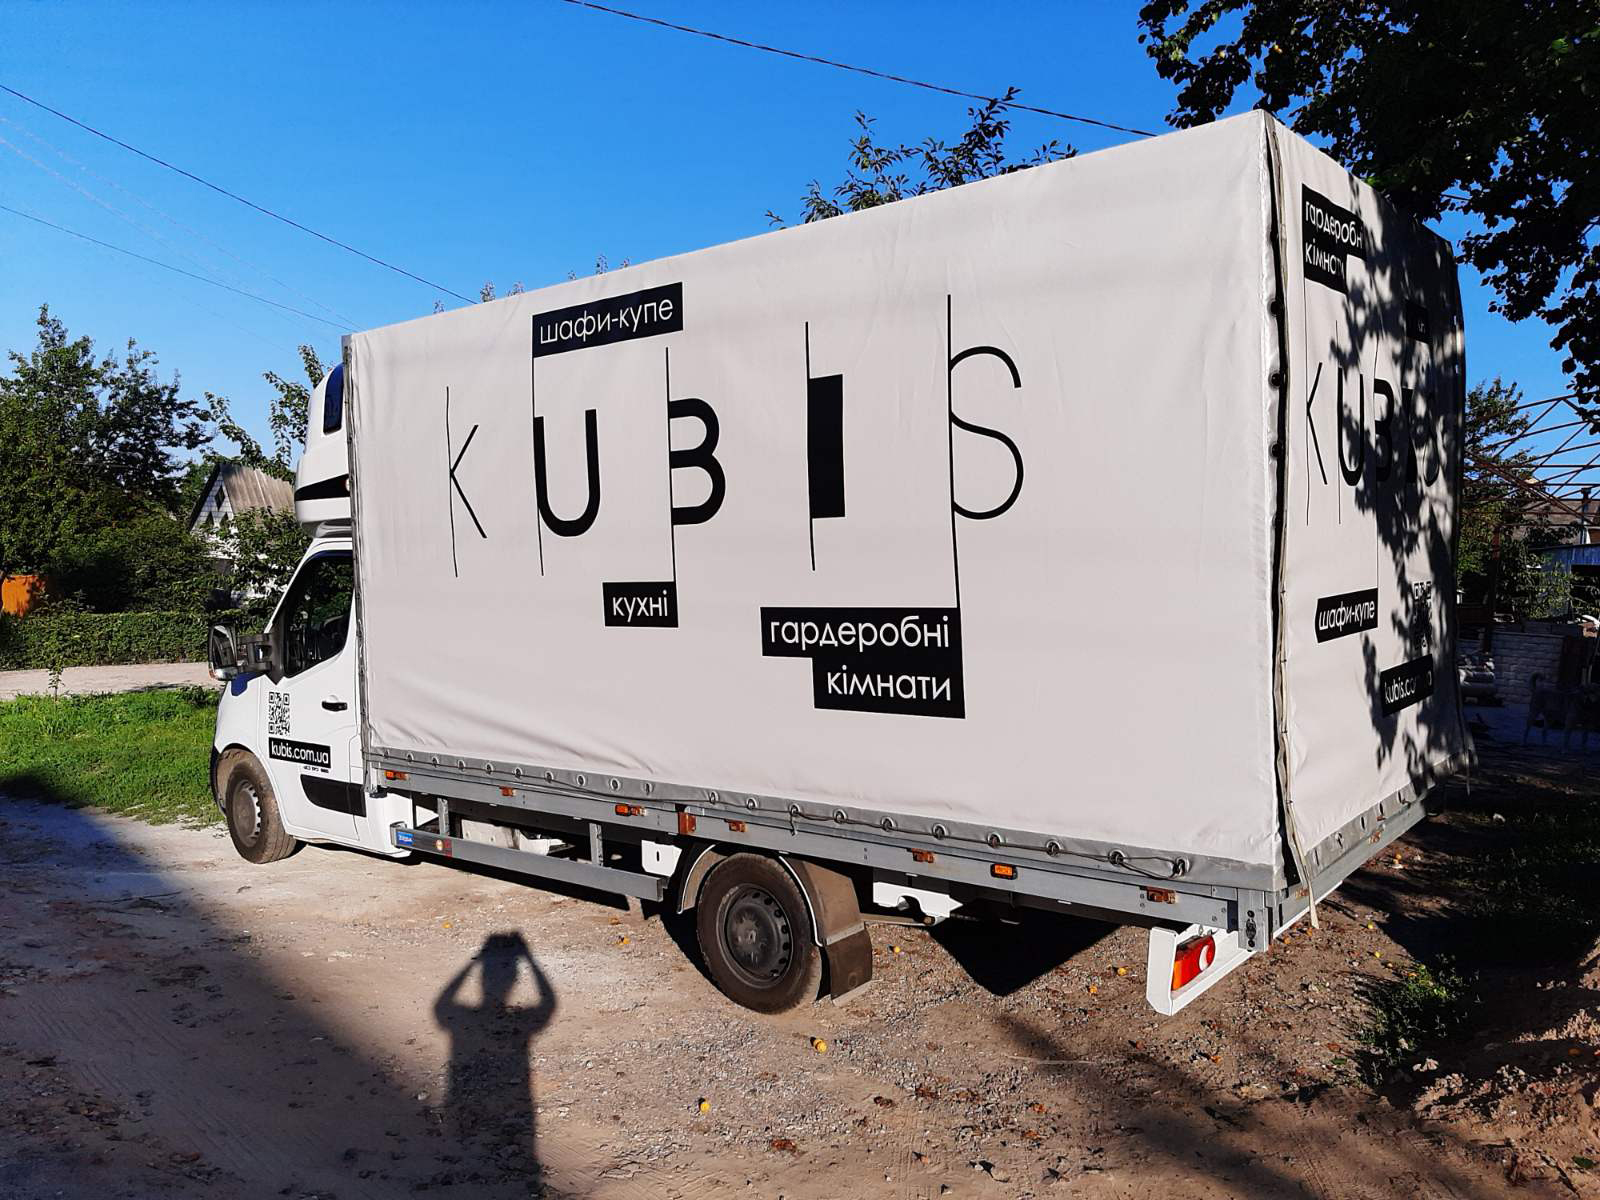 Печать на тенте для компании Kubis